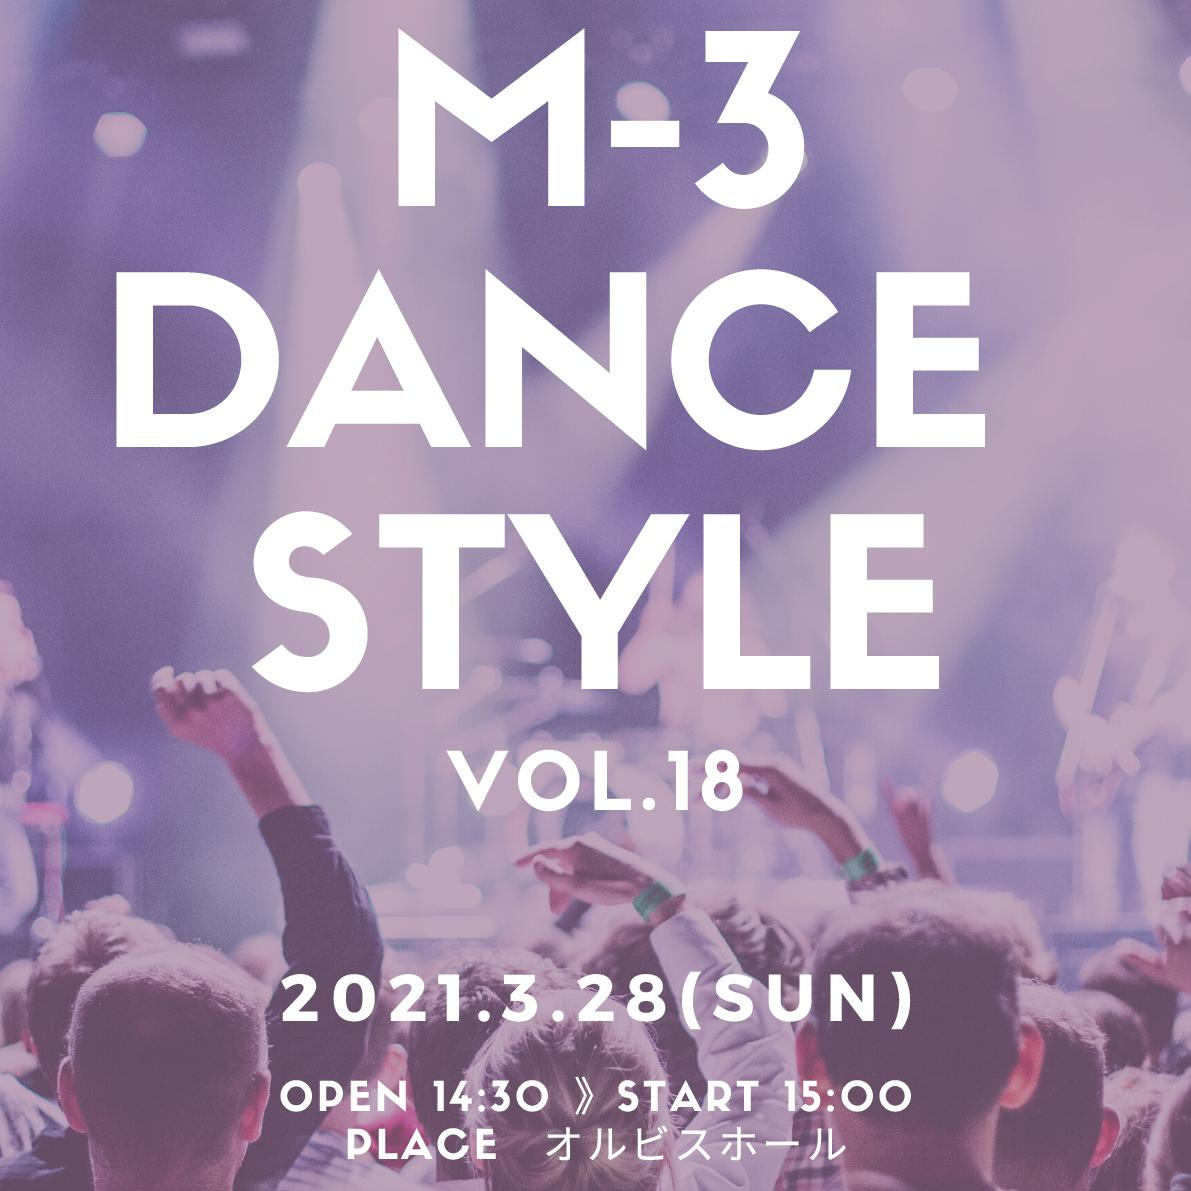 【オルビスホール情報】「M-3 DANCE STYLE VOL.18」開催!